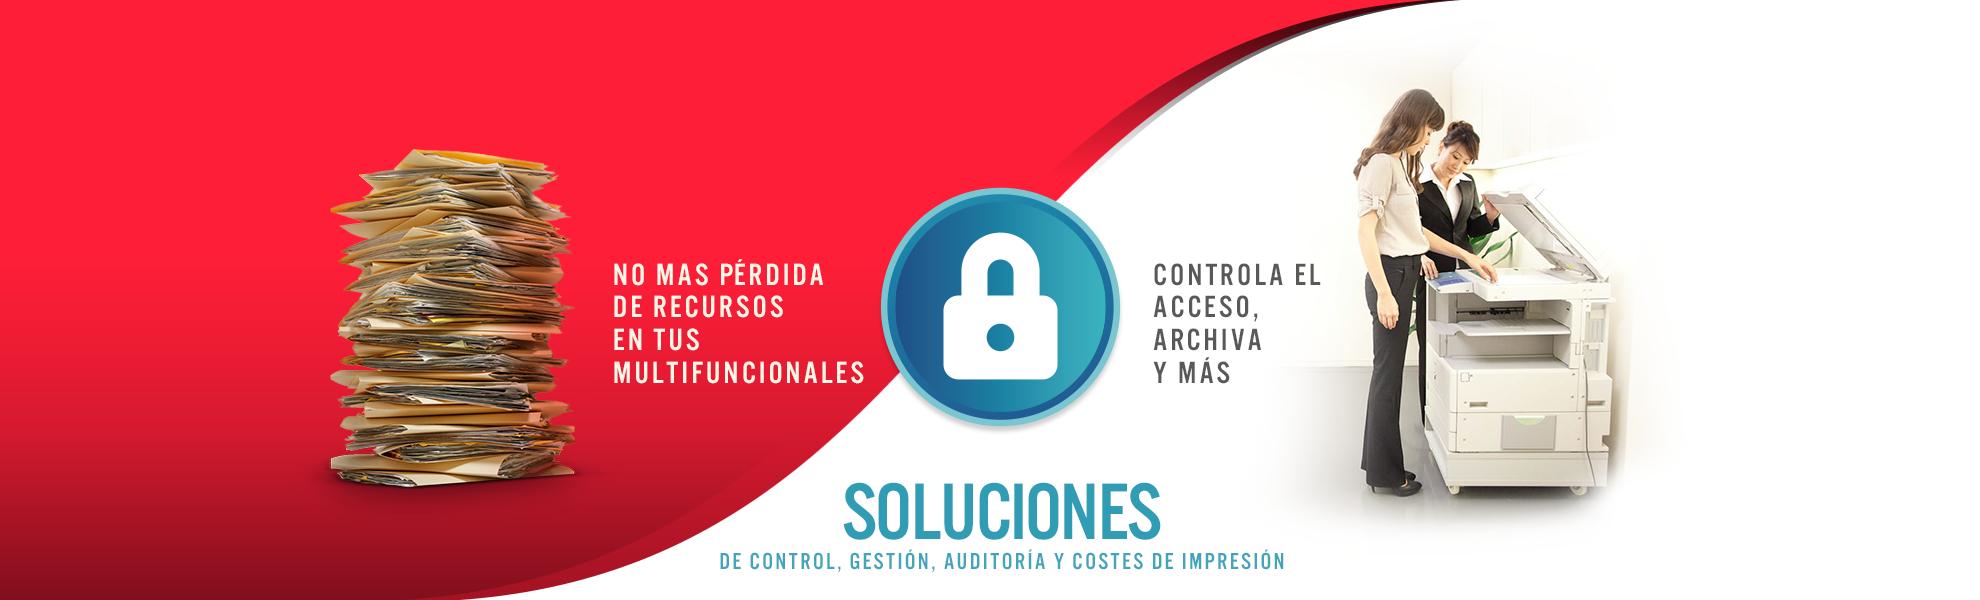 banner-soluciones Digital Copy